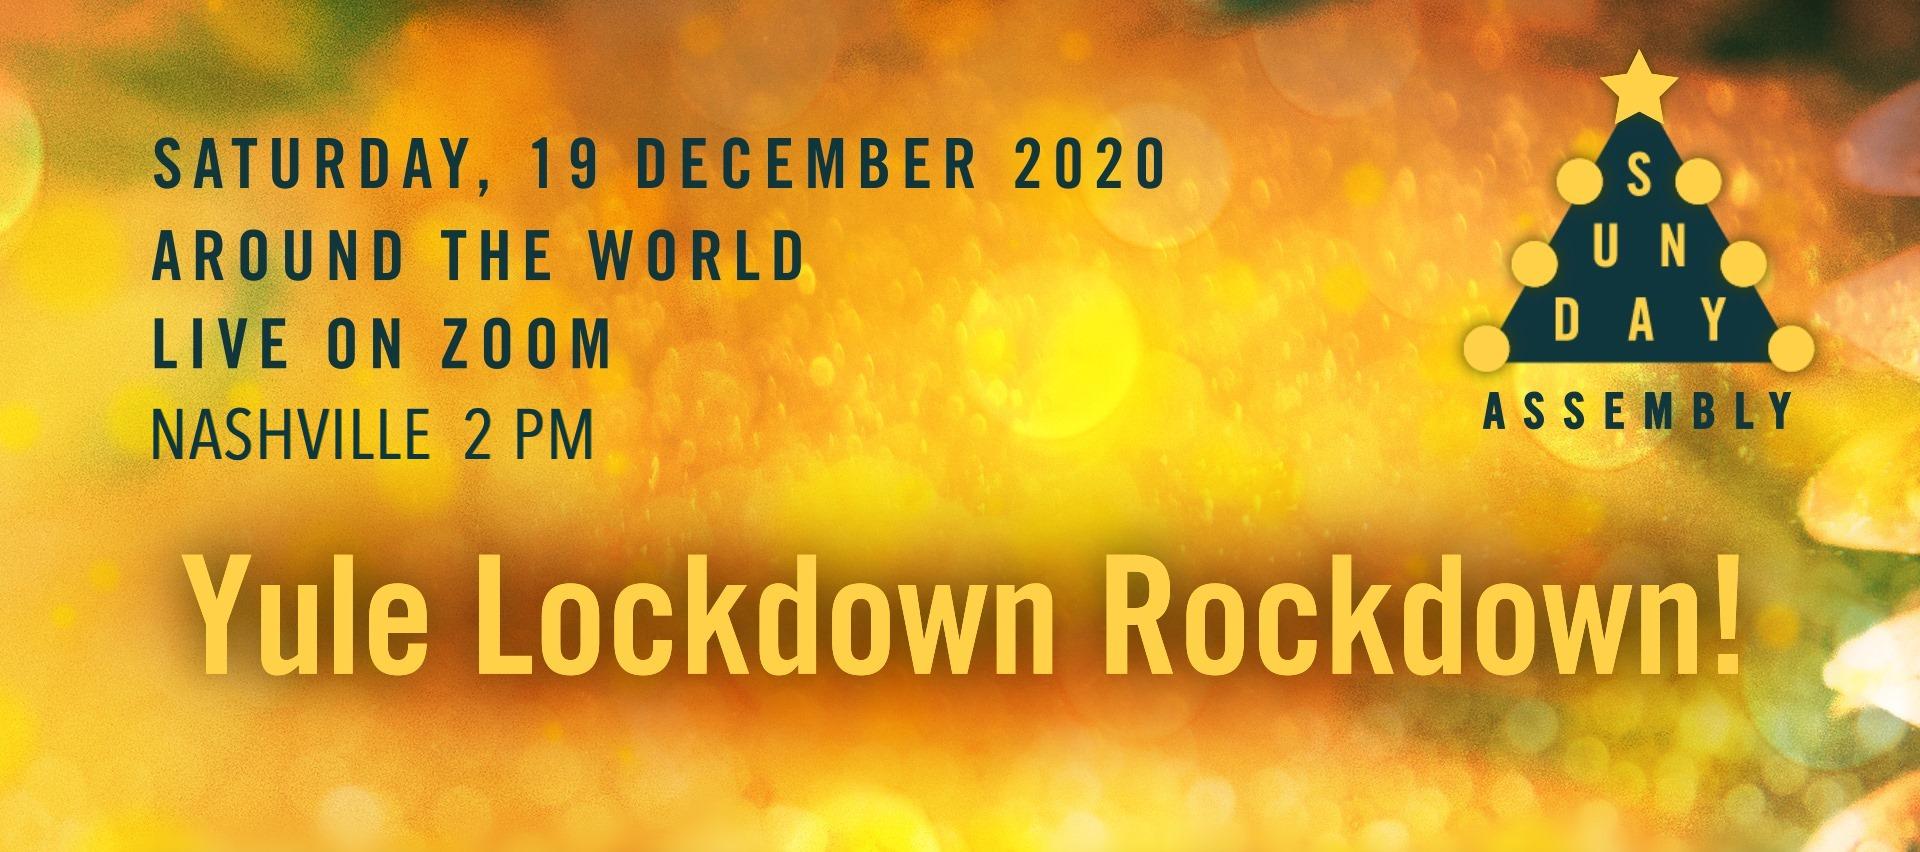 World YULE Lockdown Rockdown